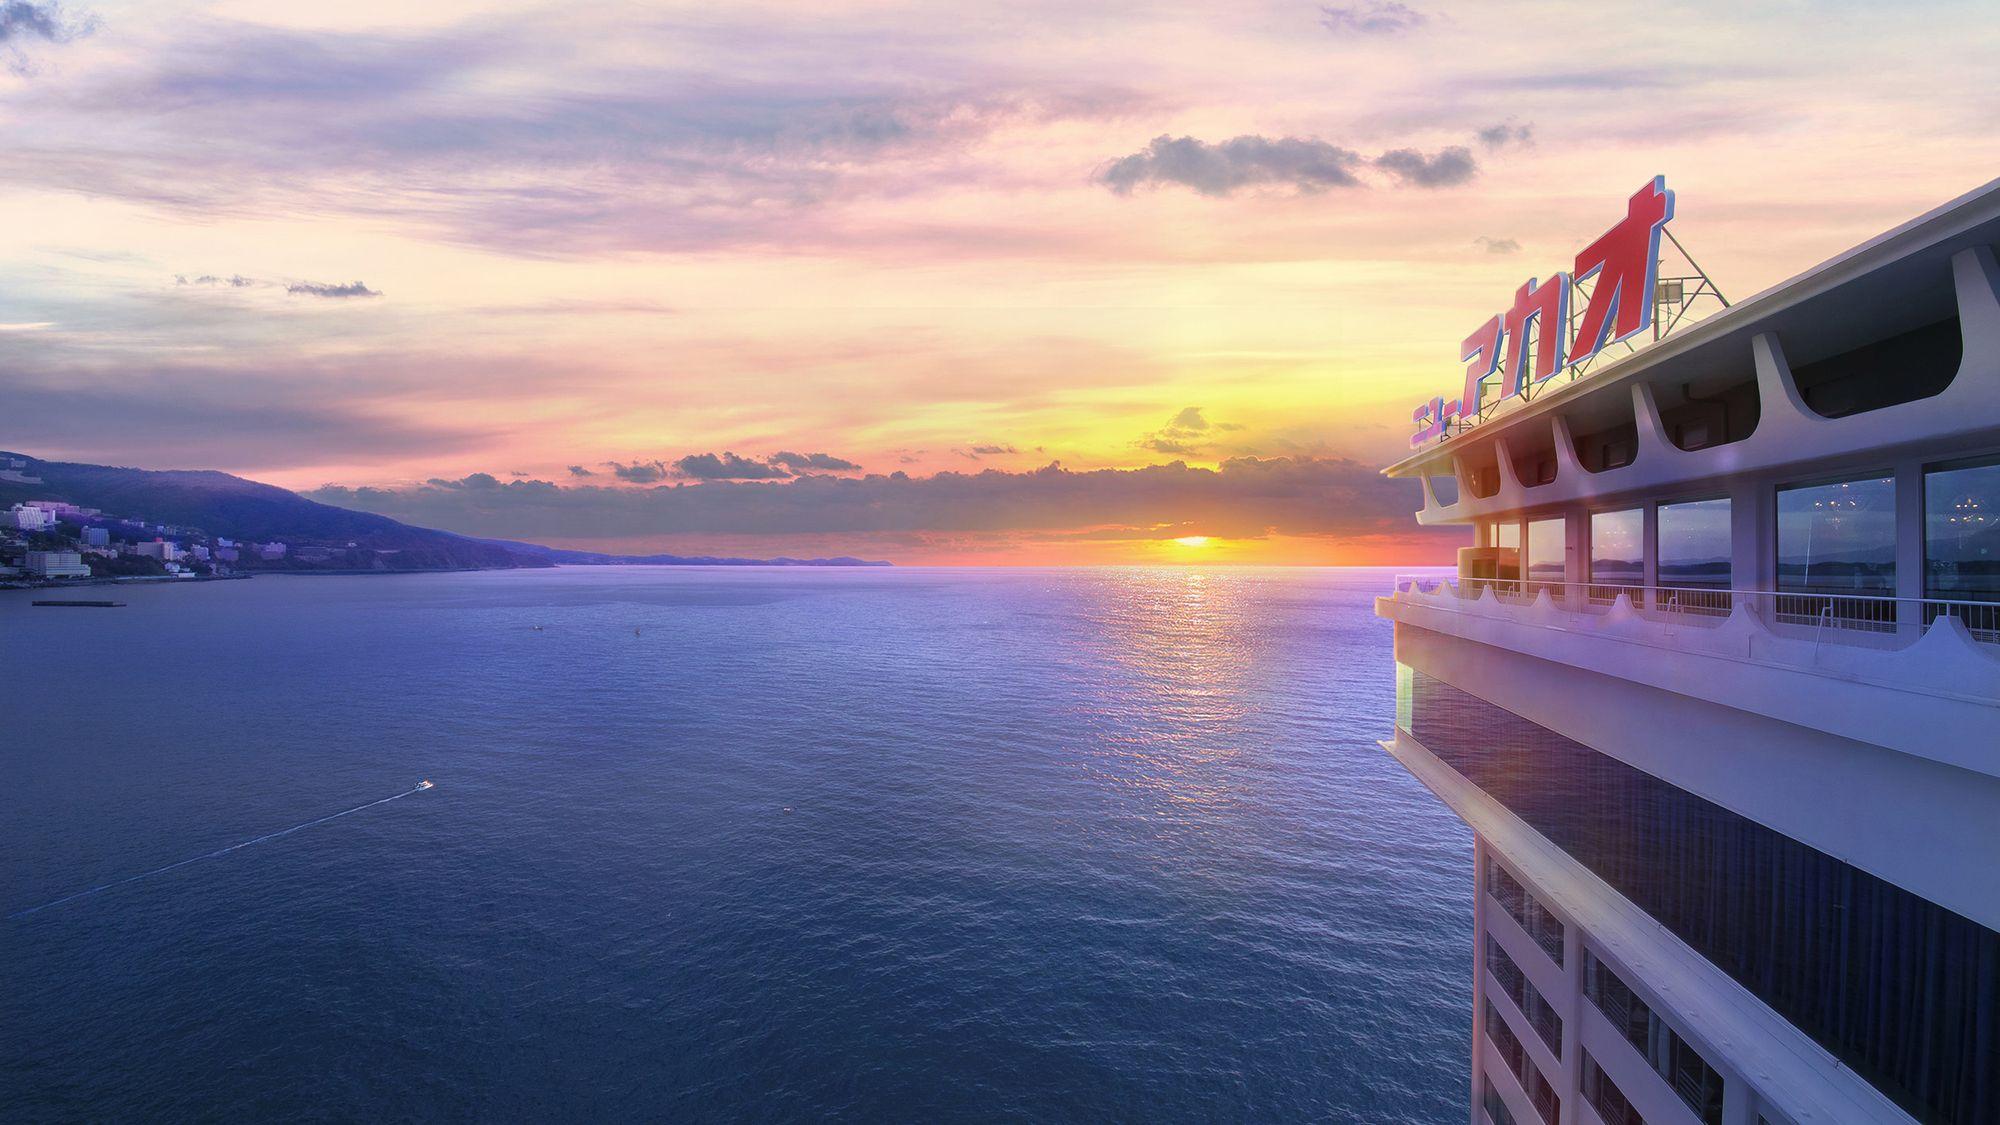 熱海温泉 ホテルニューアカオ ロイヤルウイング image